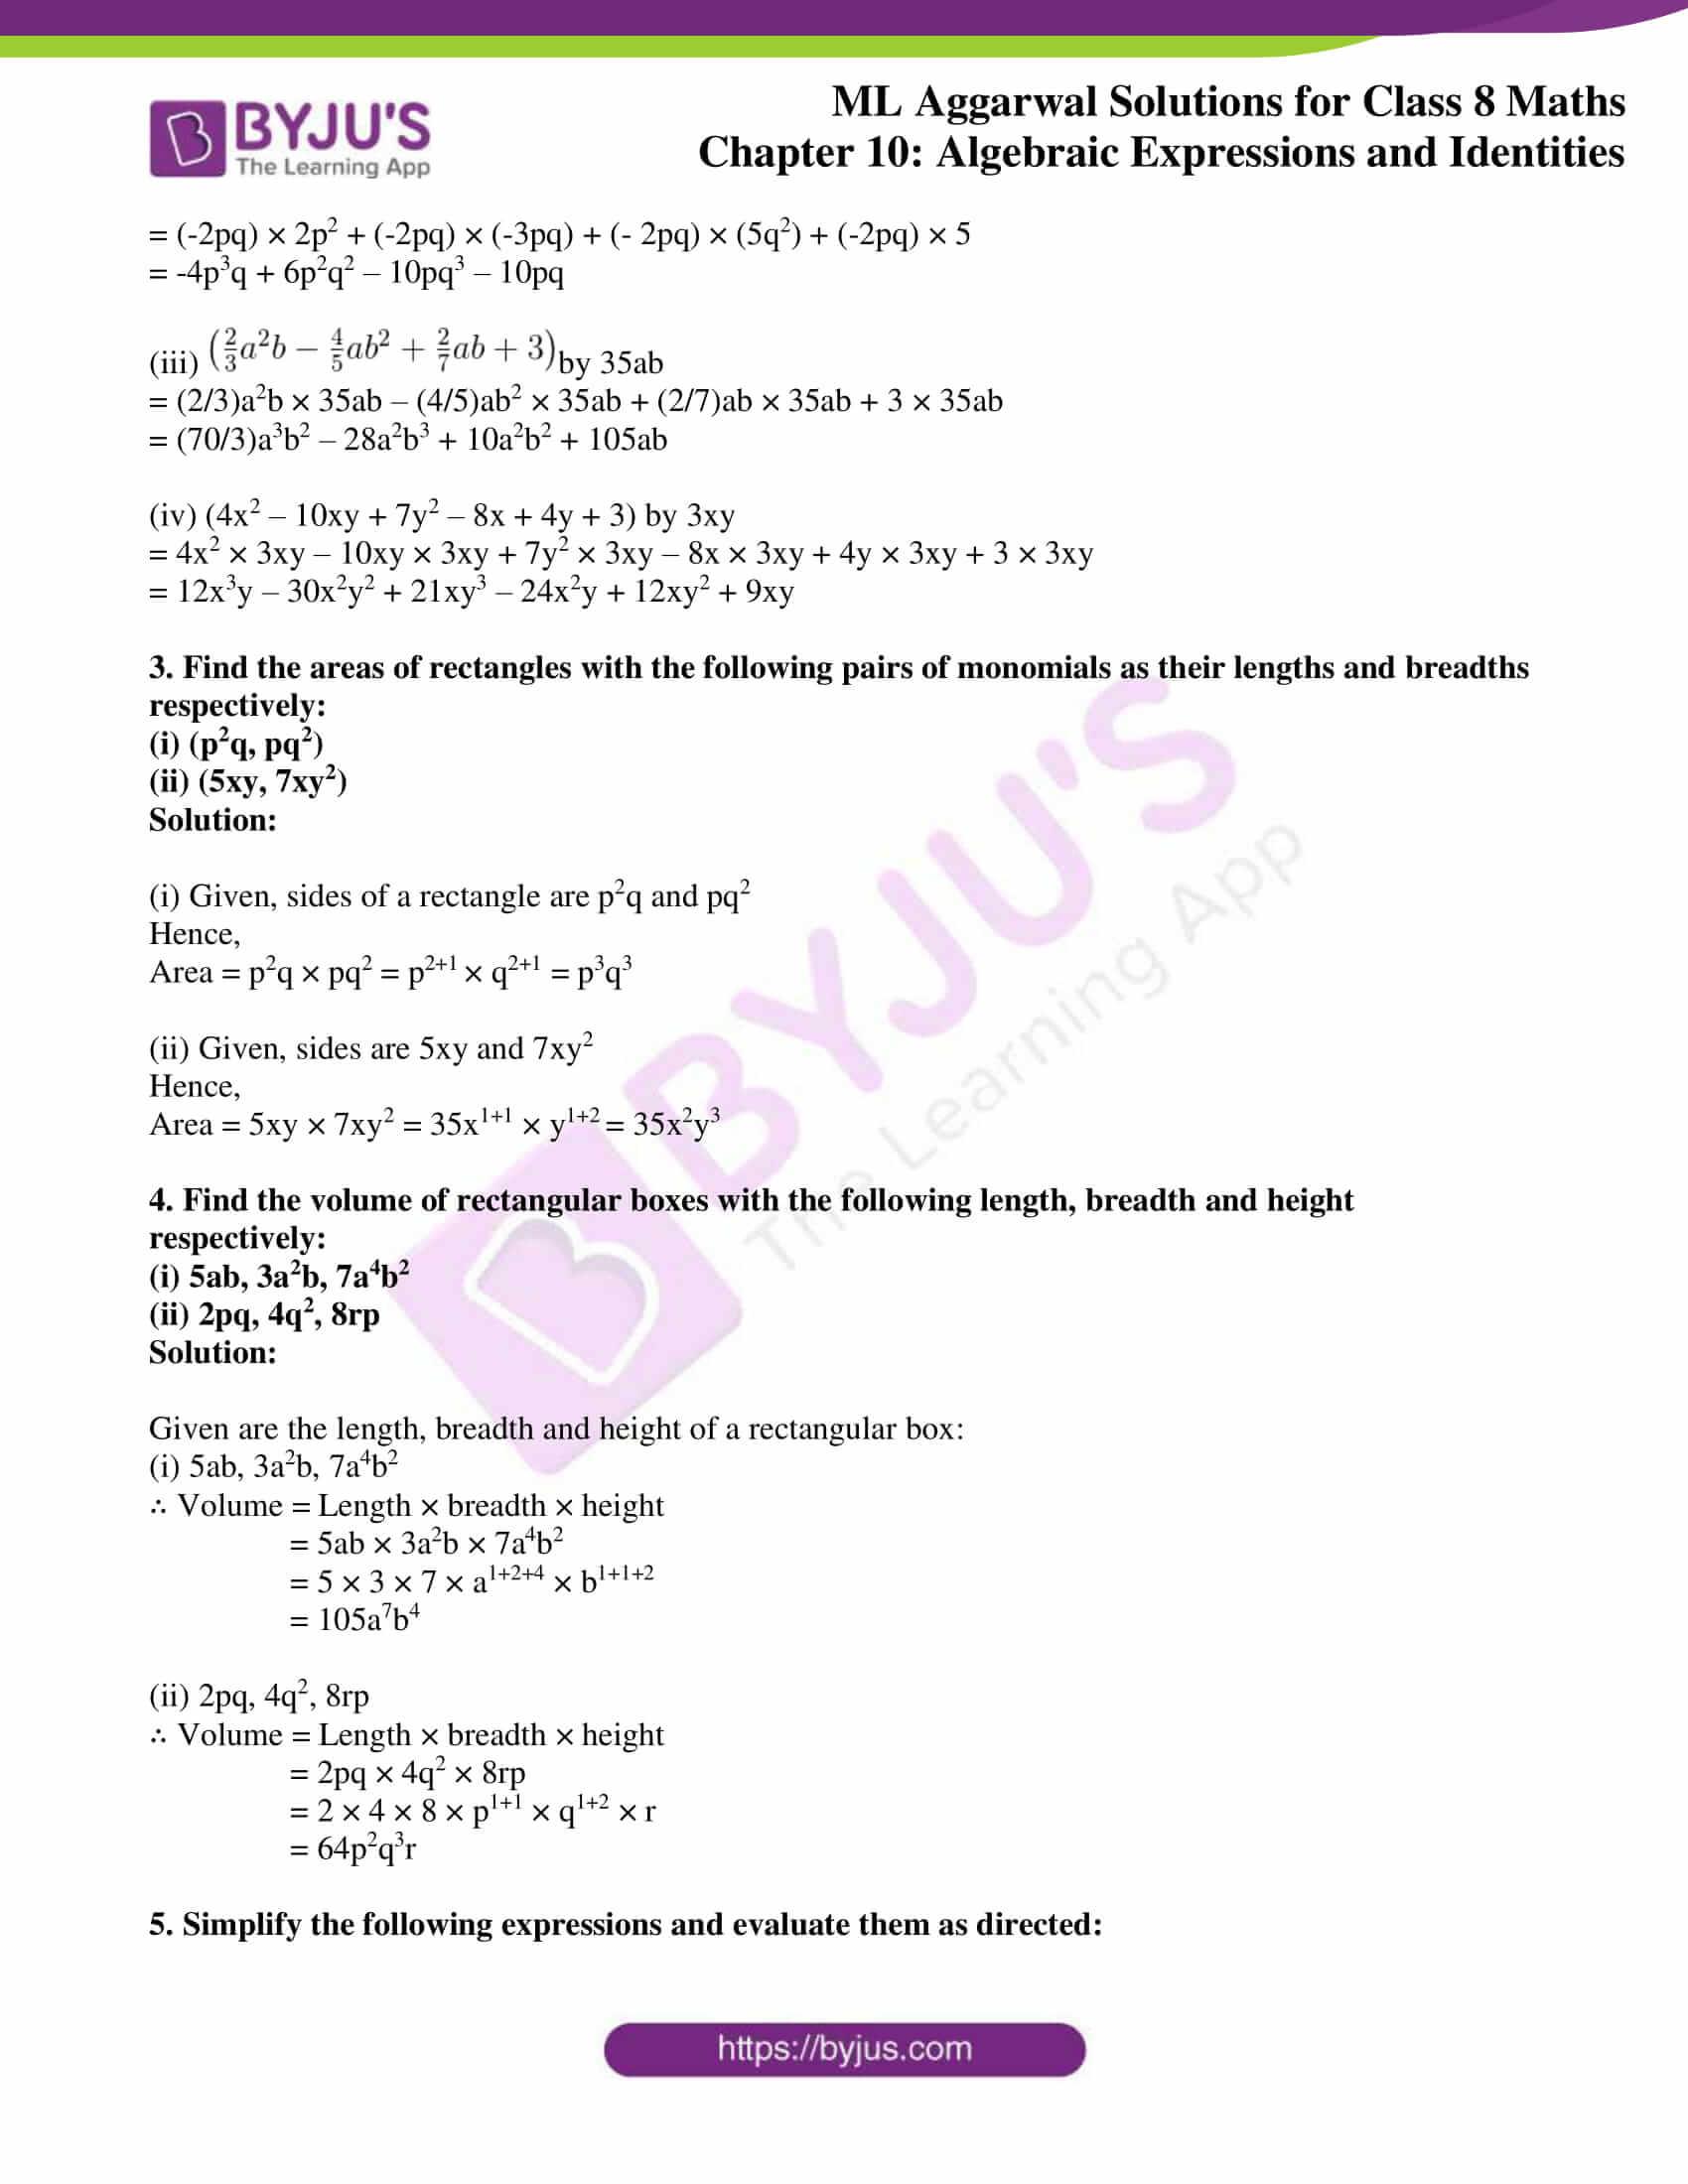 ml aggarwal sol mathematics class 8 ch 10 06